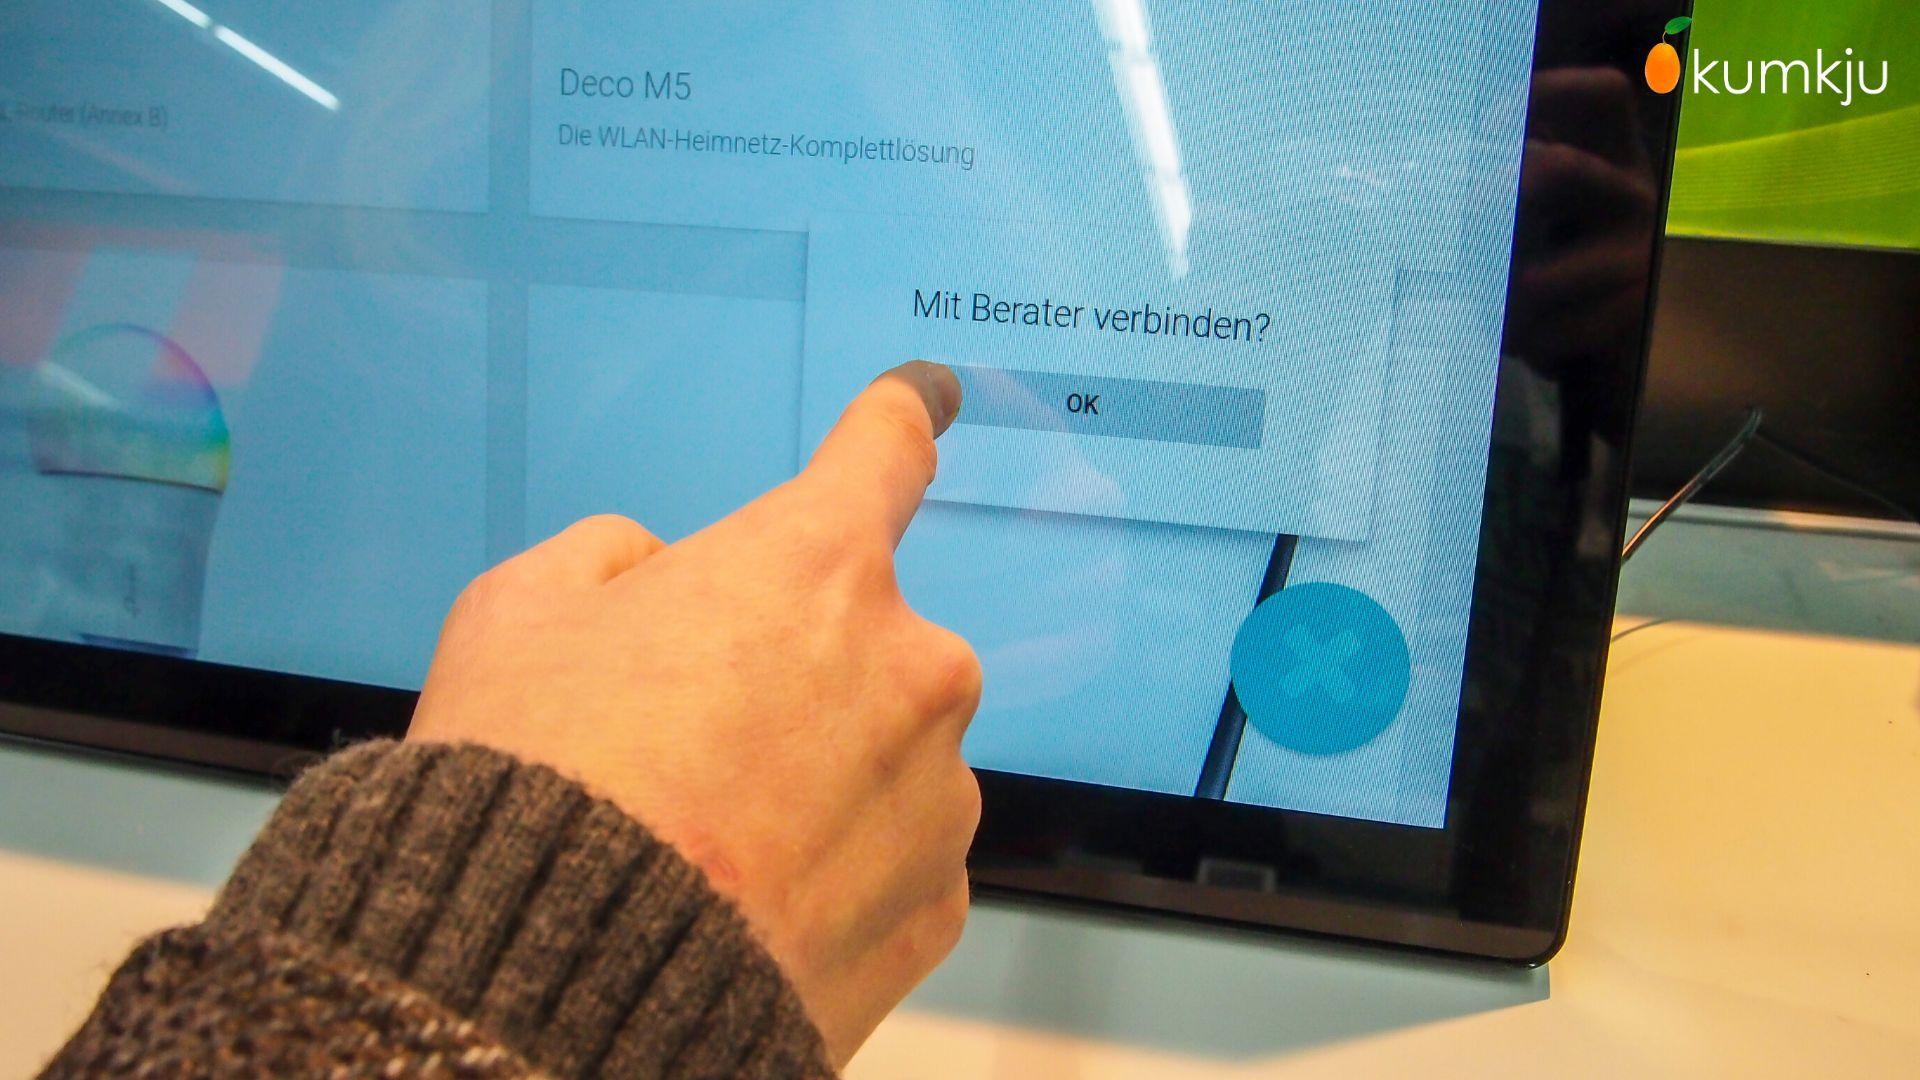 digital signage display mit persönlicher kundenberatung